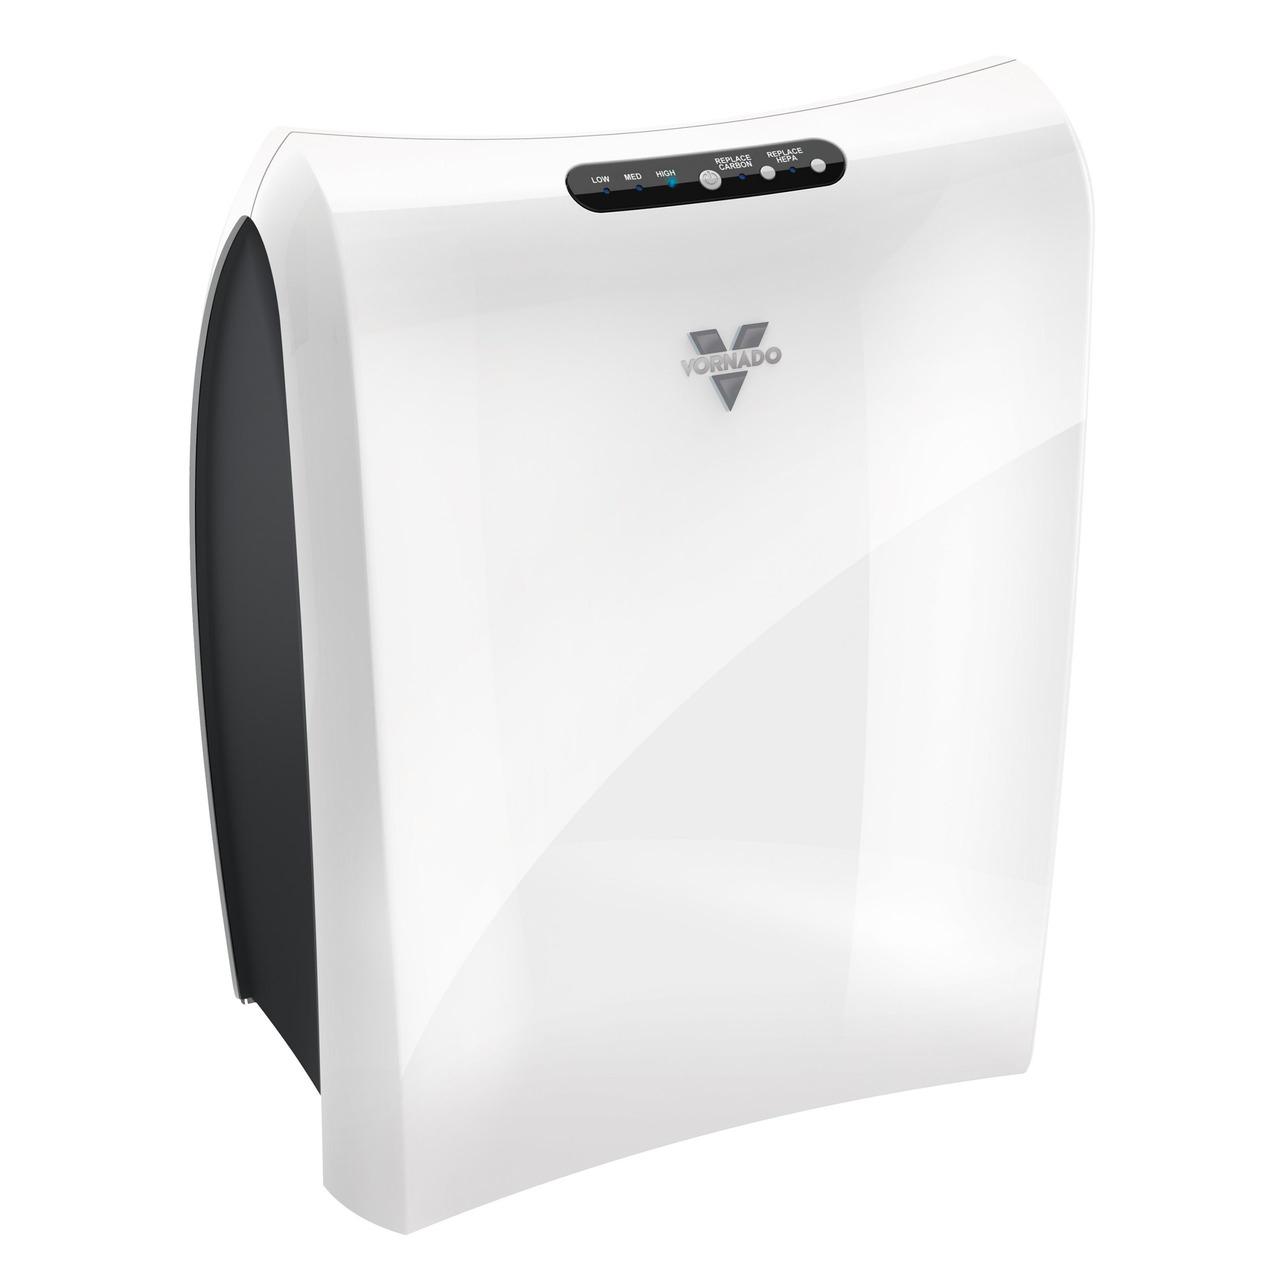 Vornado Luftreiniger AC350- HEPA14- inkl- 2 Filter- bis zu 30 m- Raumgrösse